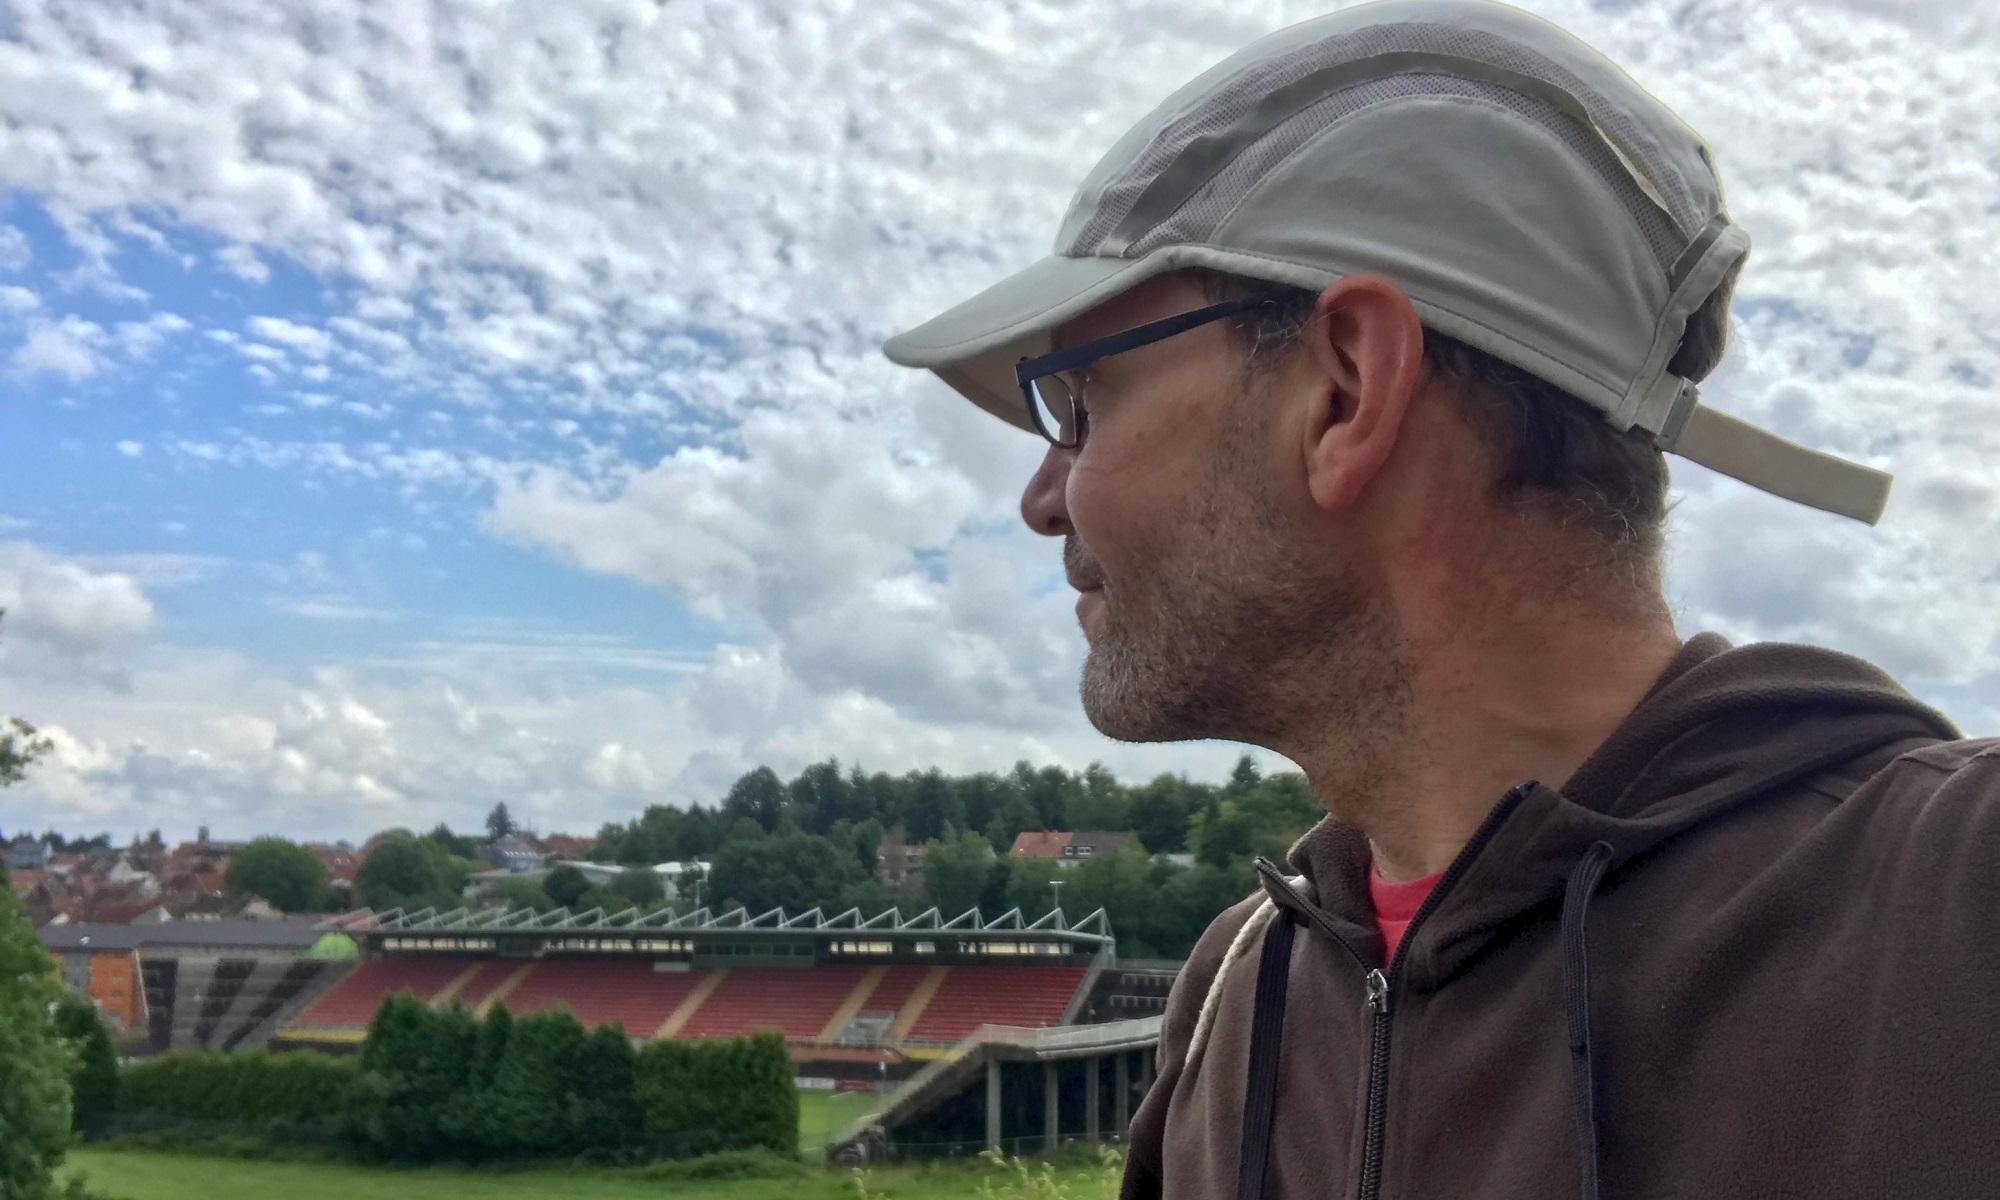 Meenzer on Tour Blog